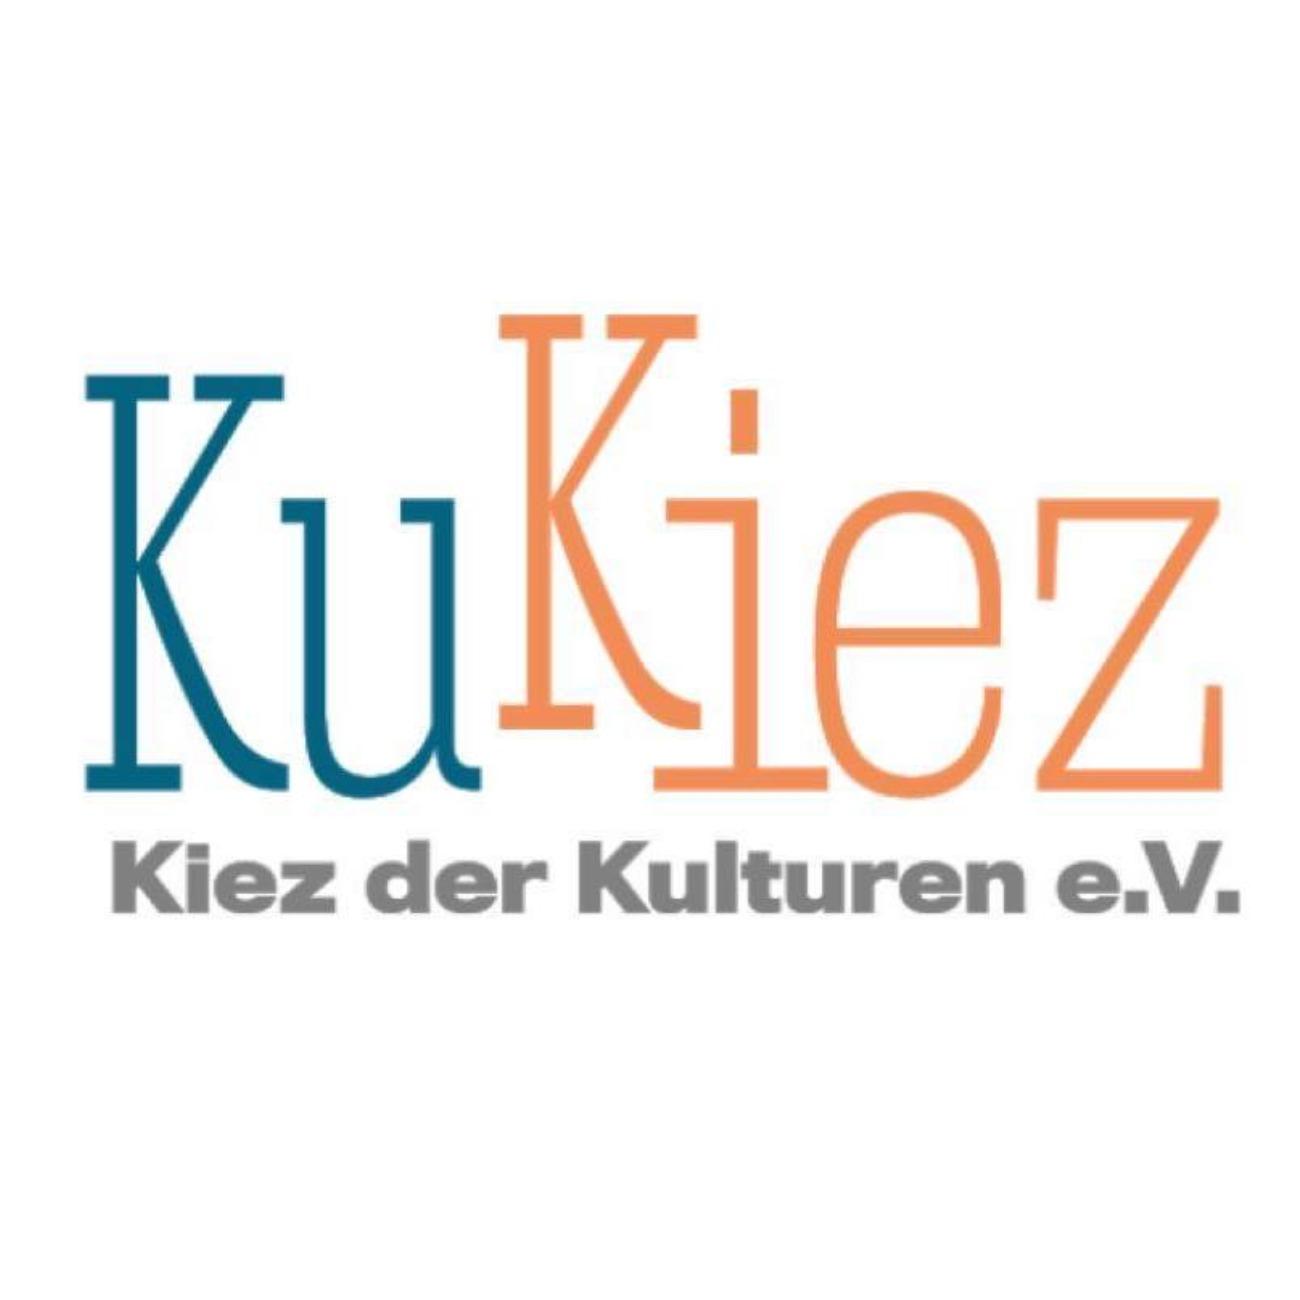 Unsere Mitglieder - kukiez logo